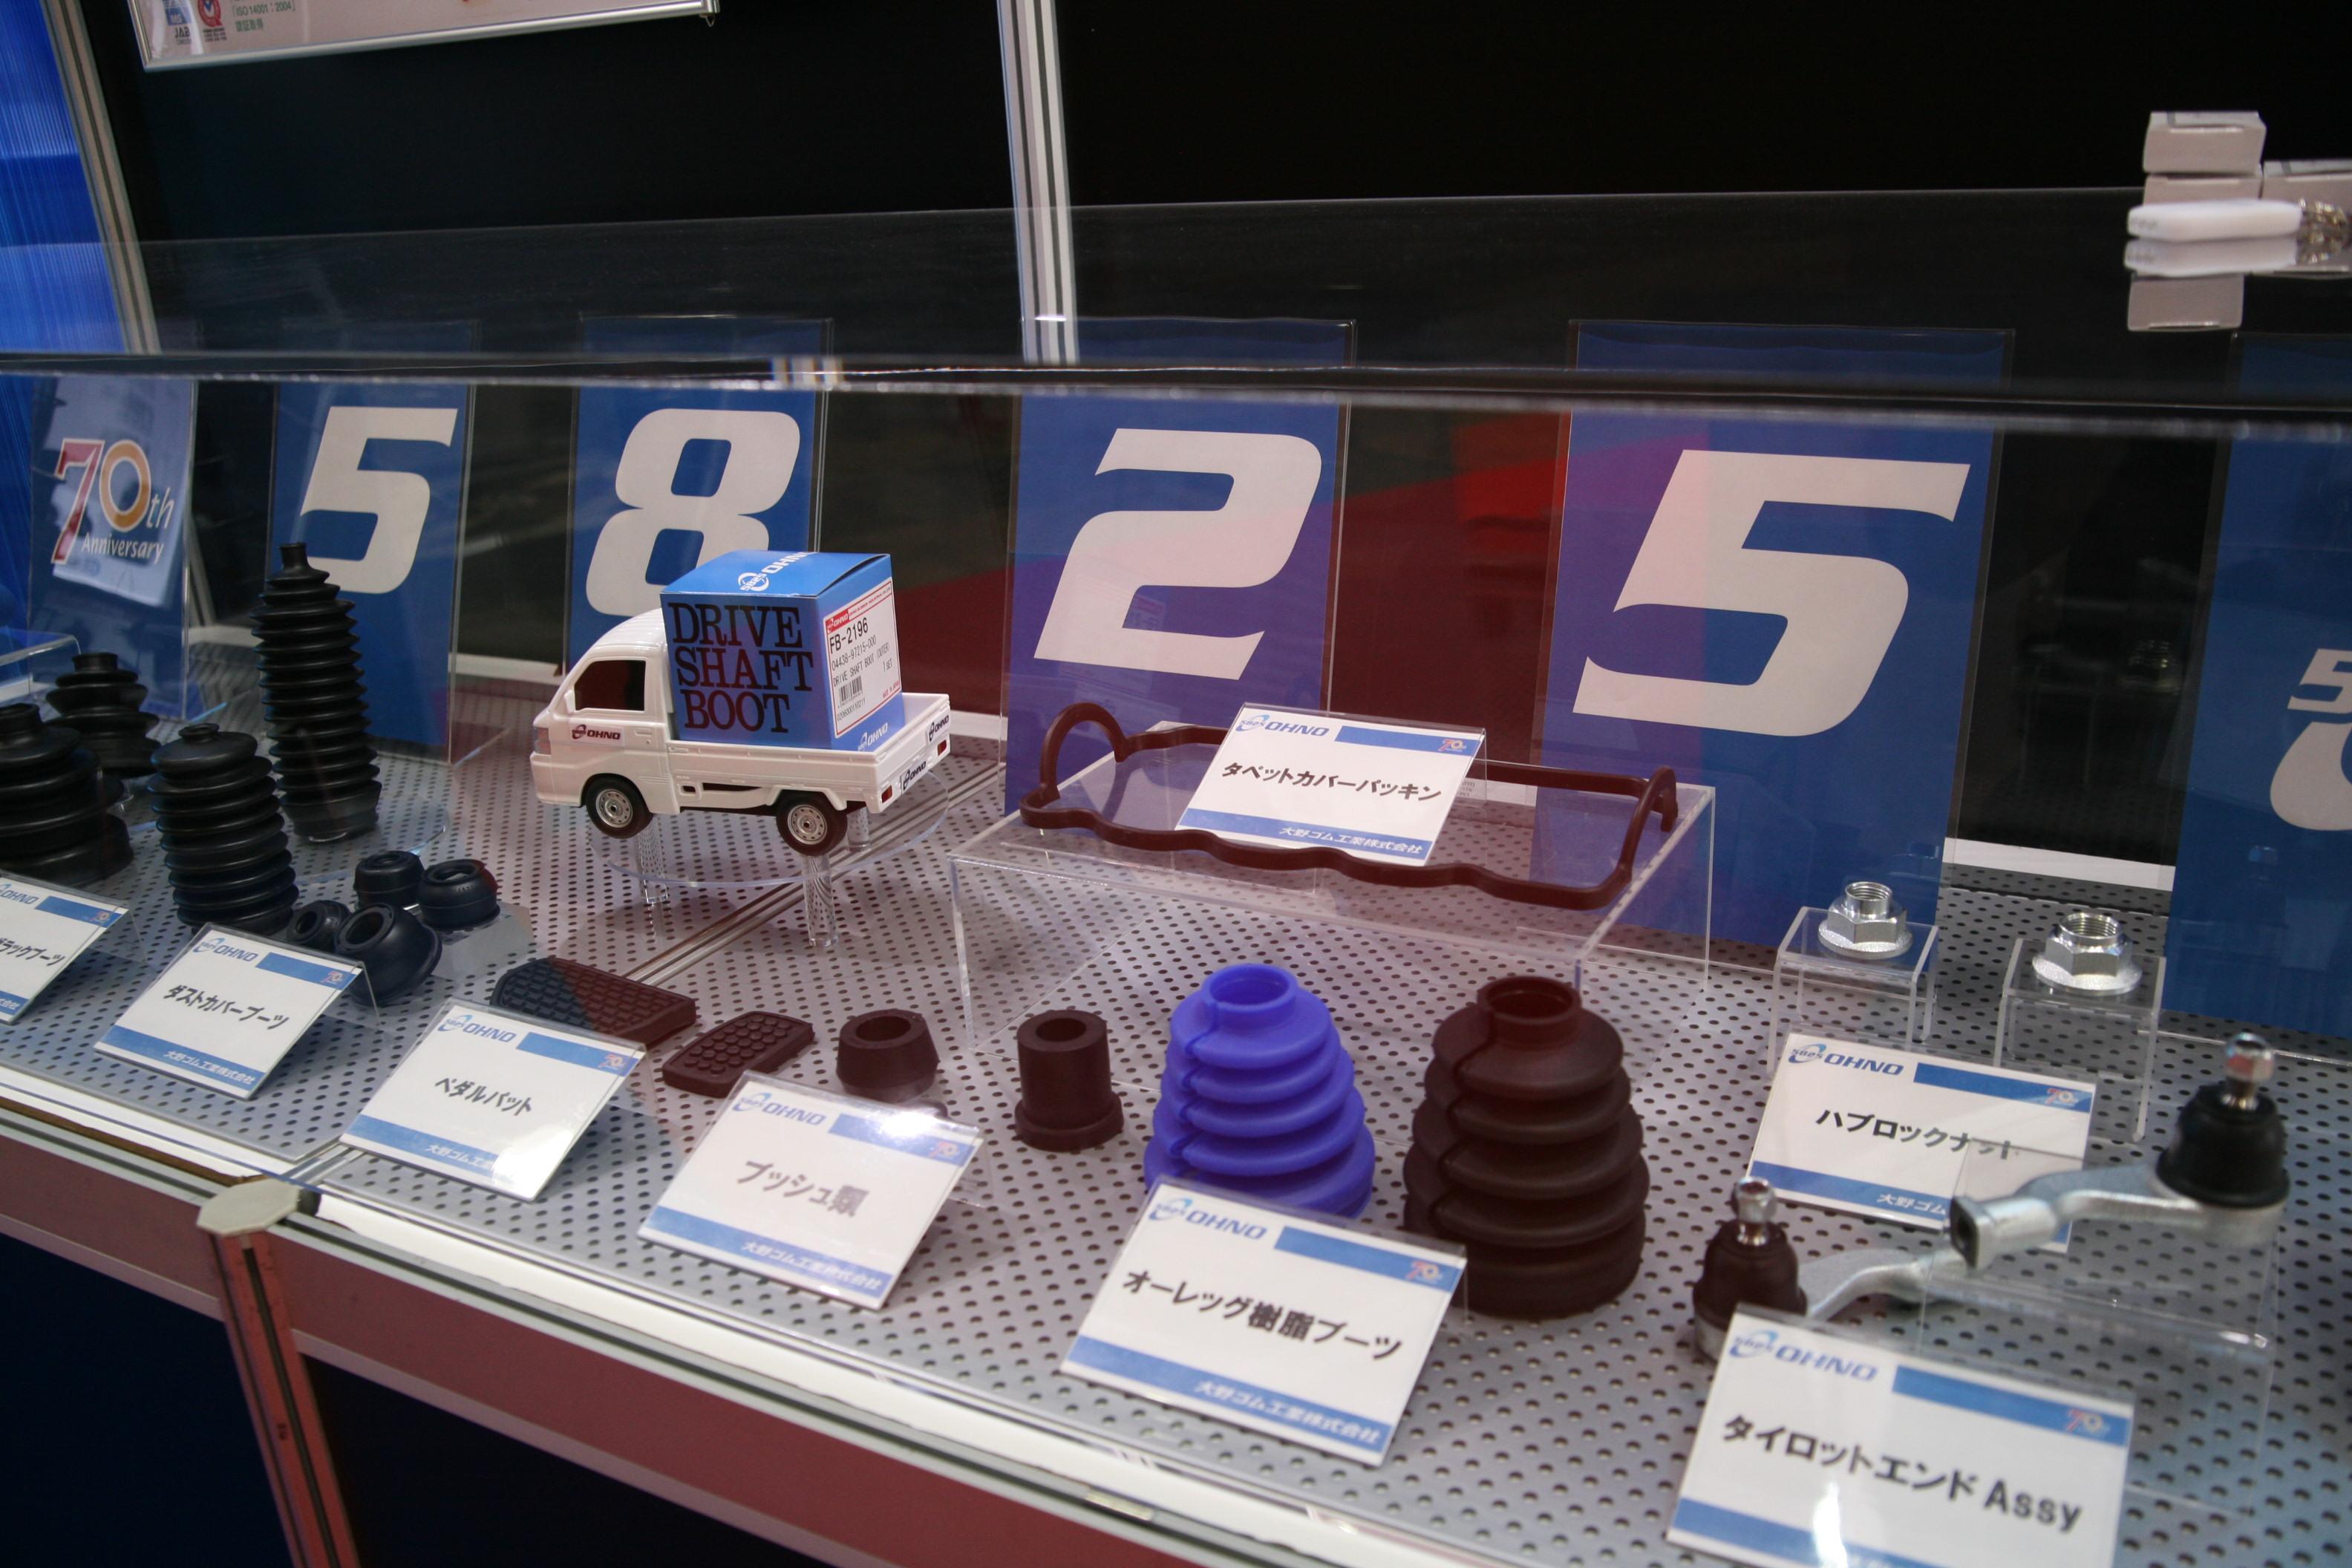 024大野ゴム 自動車関連部品の展示